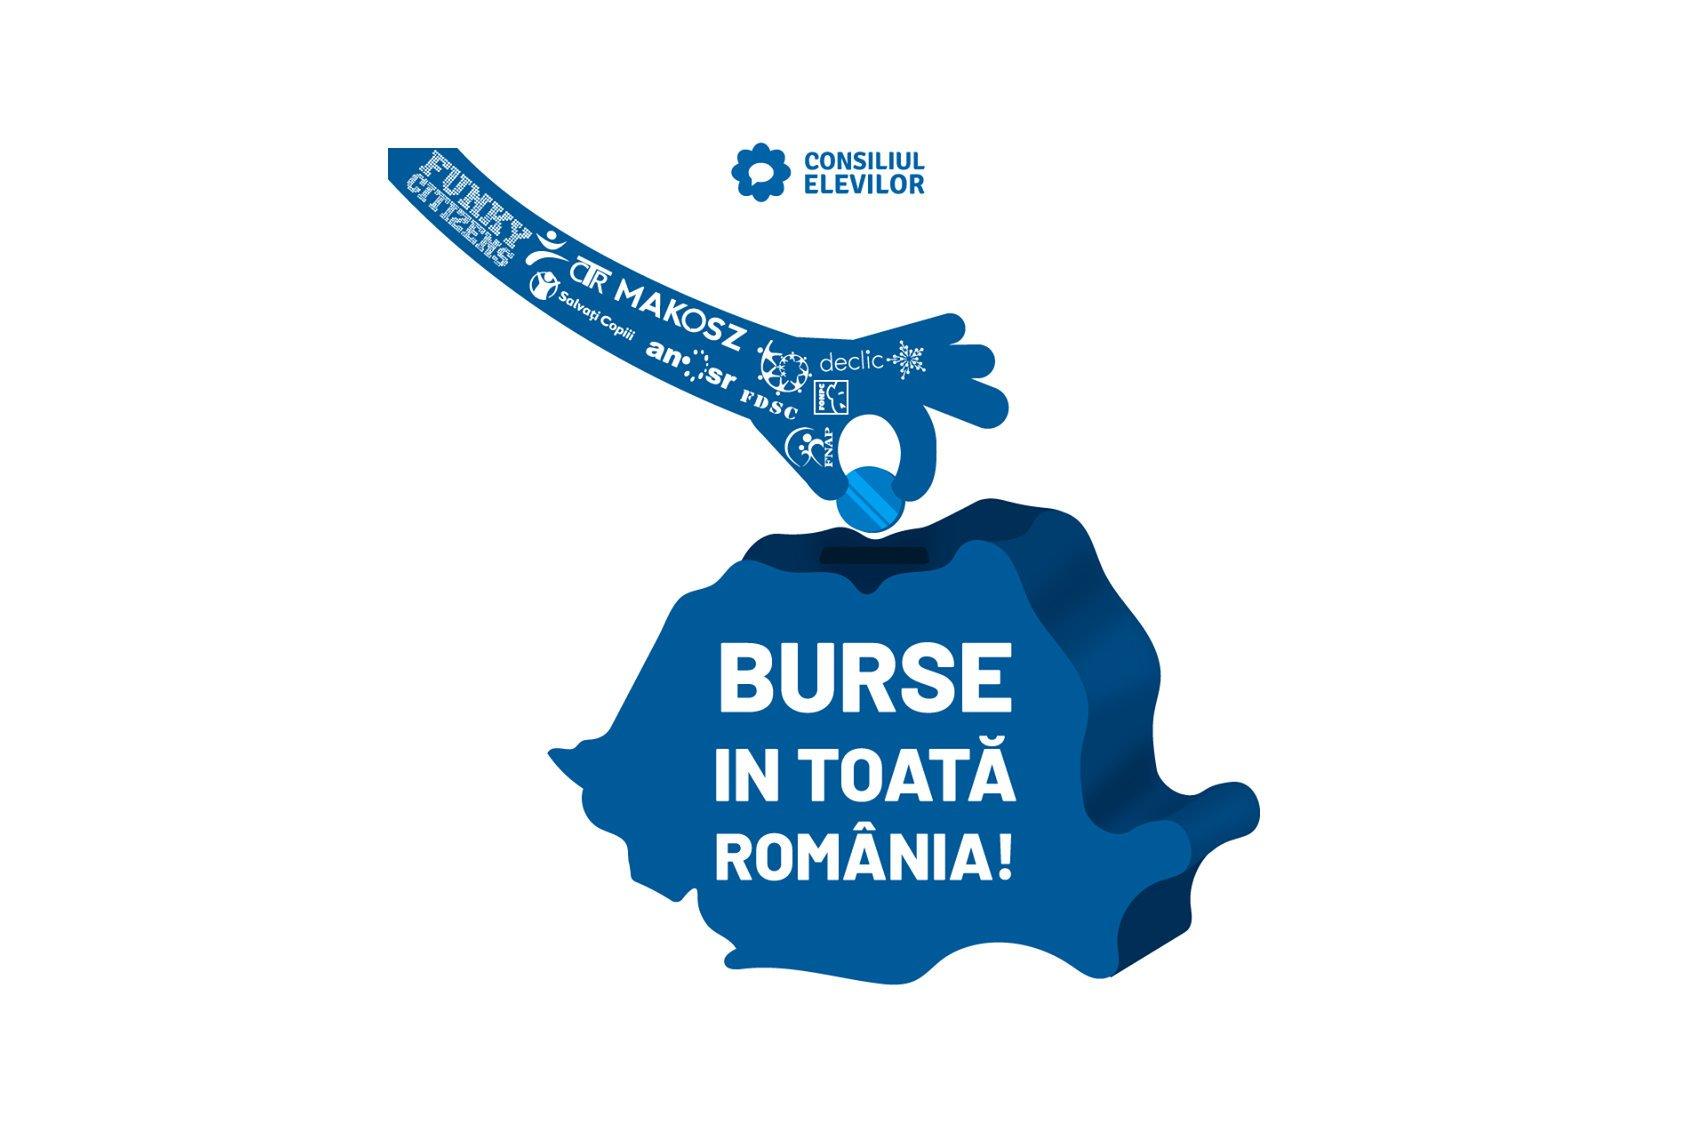 """Consiliul Elevilor inițiază campania: """"Burse în toată România!"""""""